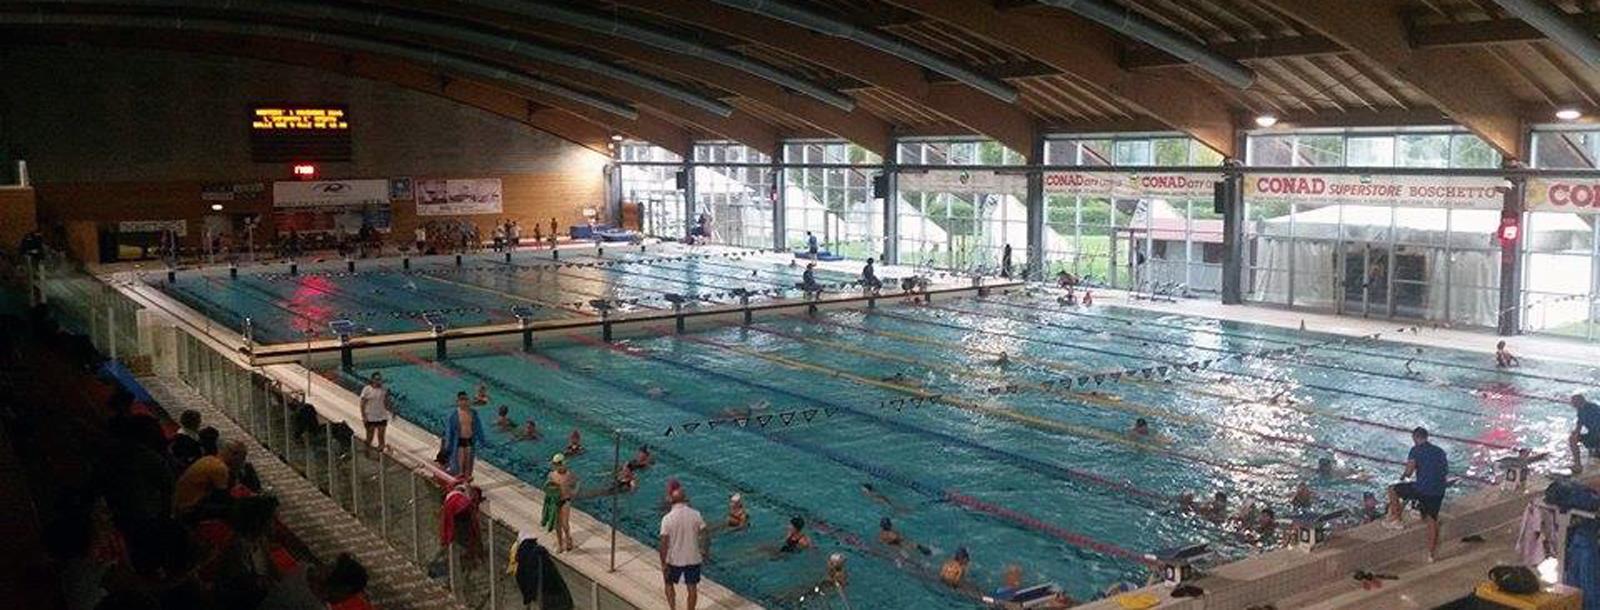 Stadio del nuoto riccione - Piscine dello stadio ...